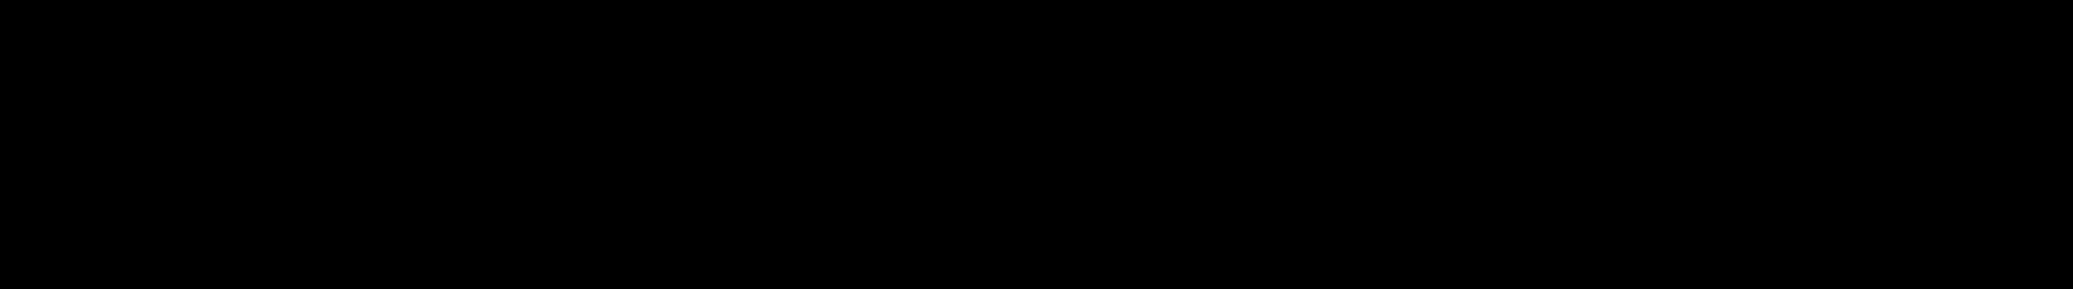 logo_cafe_004.png